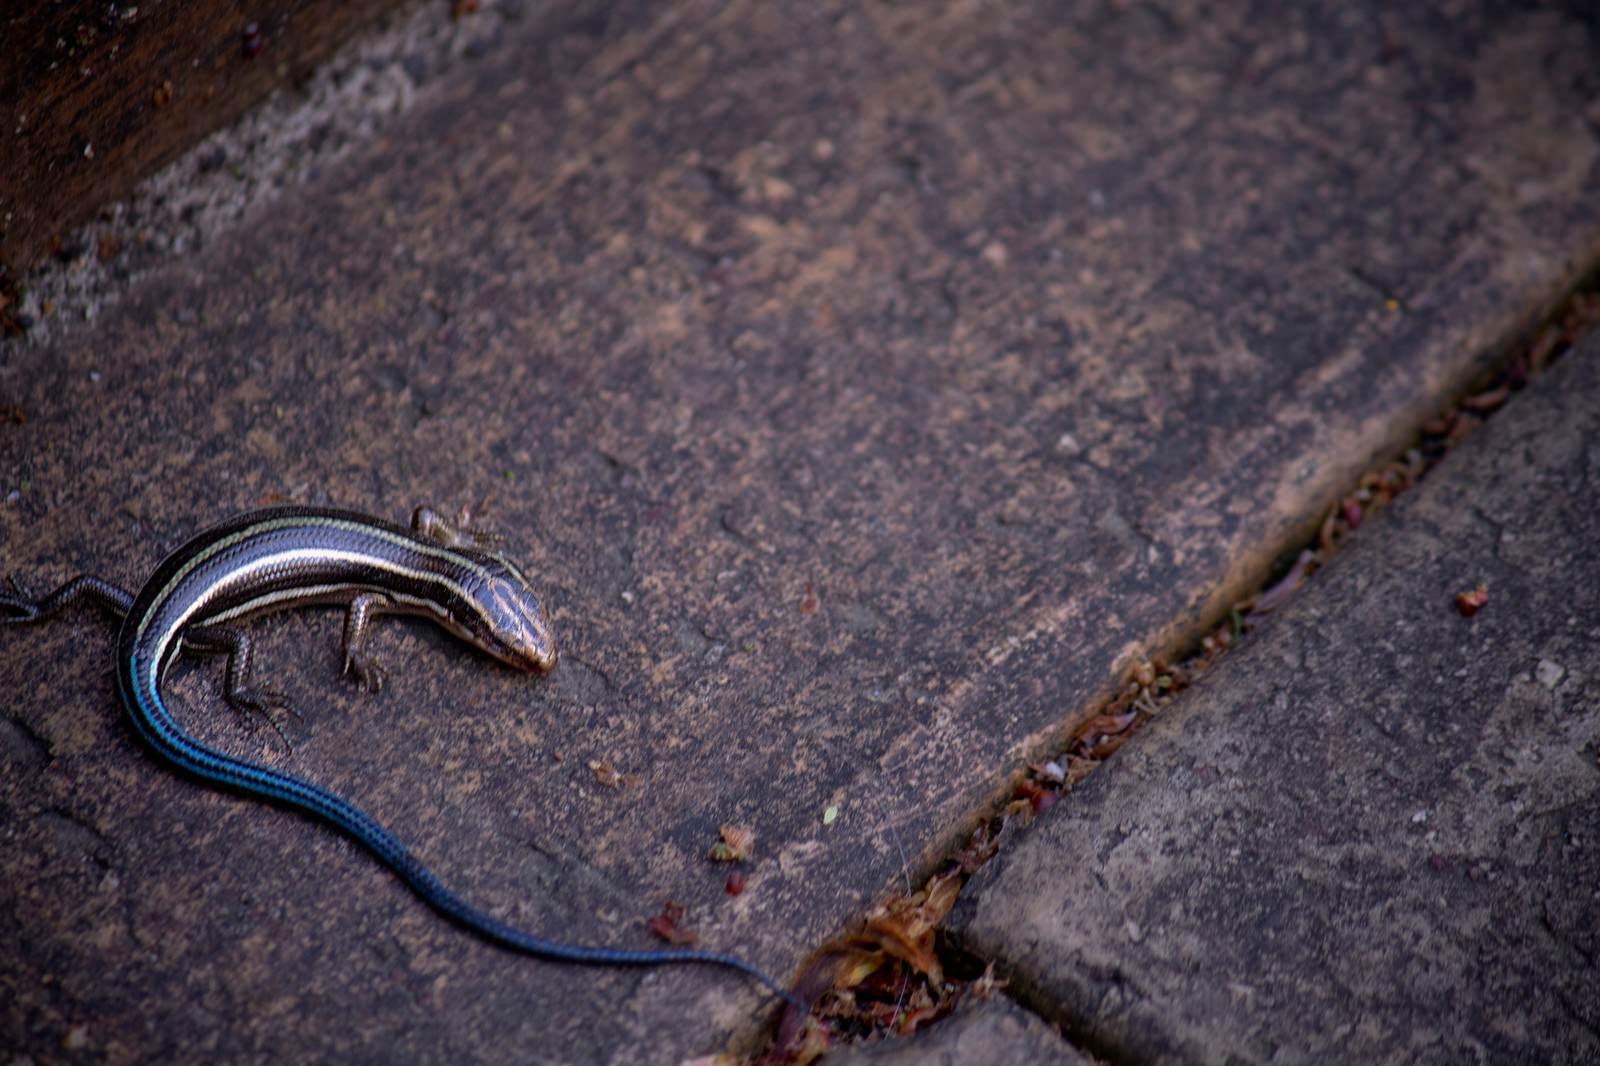 「尻尾が青いトカゲ」の写真